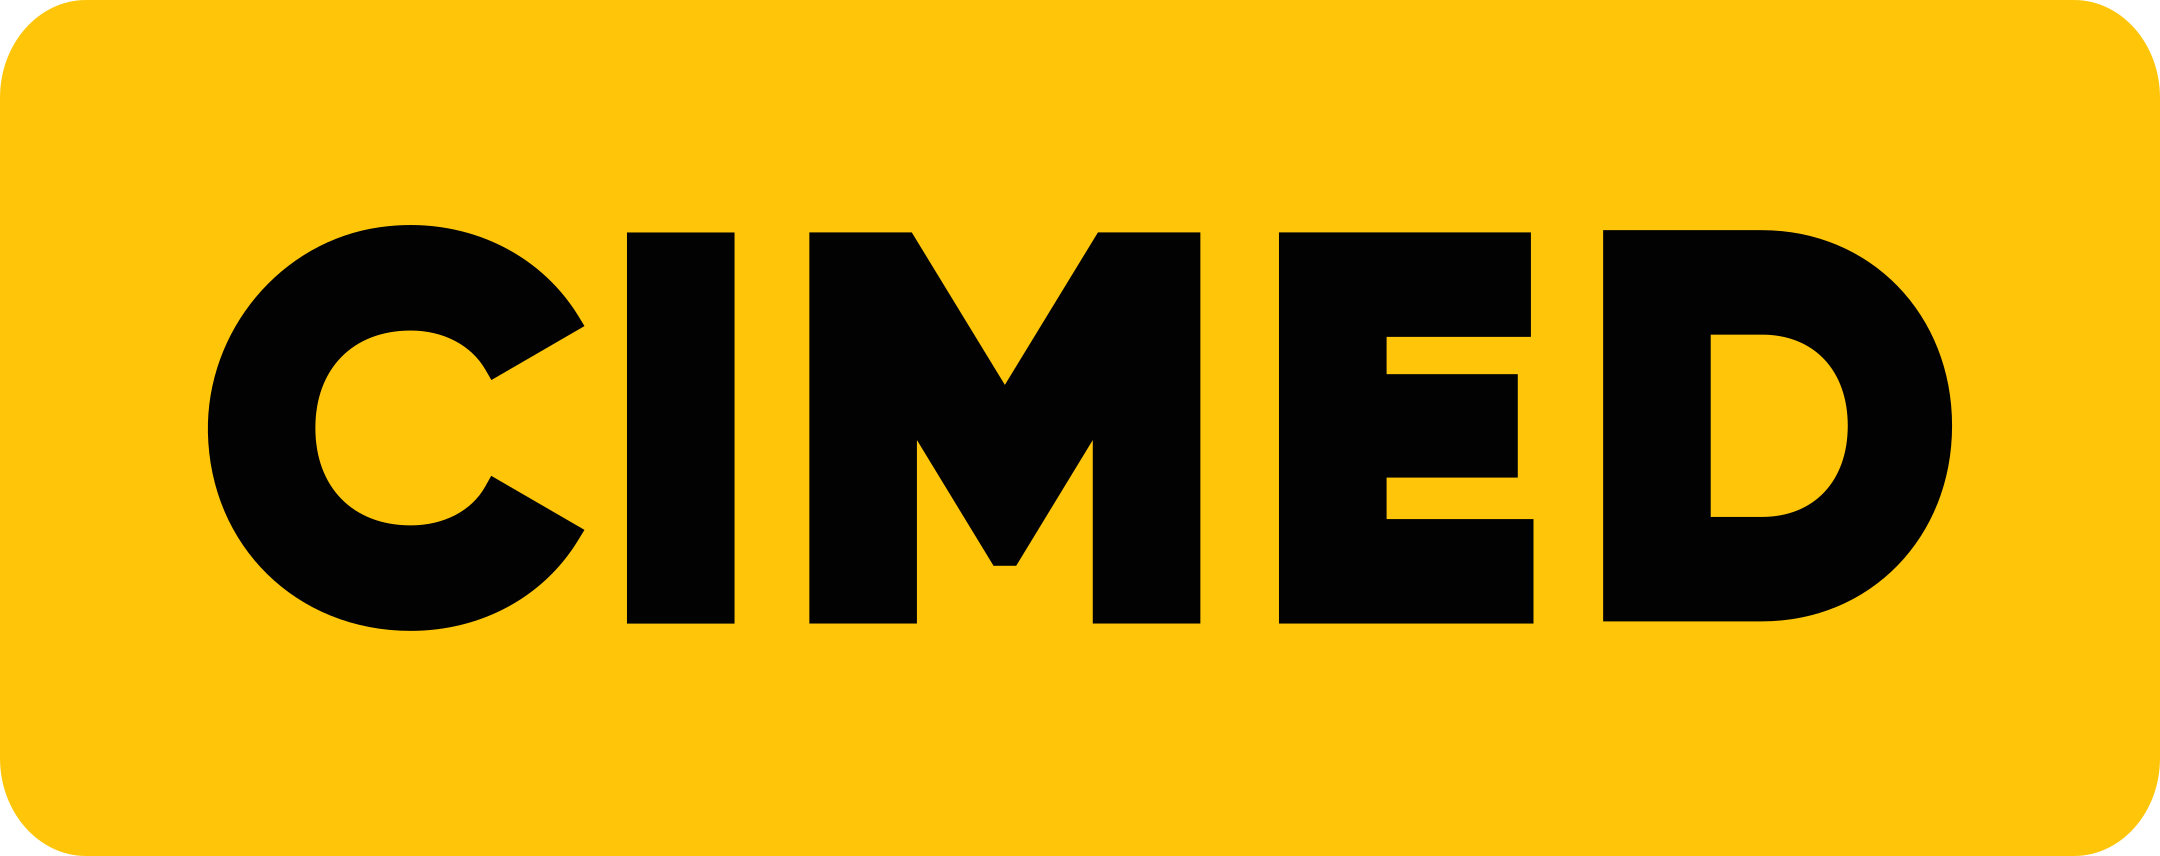 cimed logo 1 - CIMED Logo